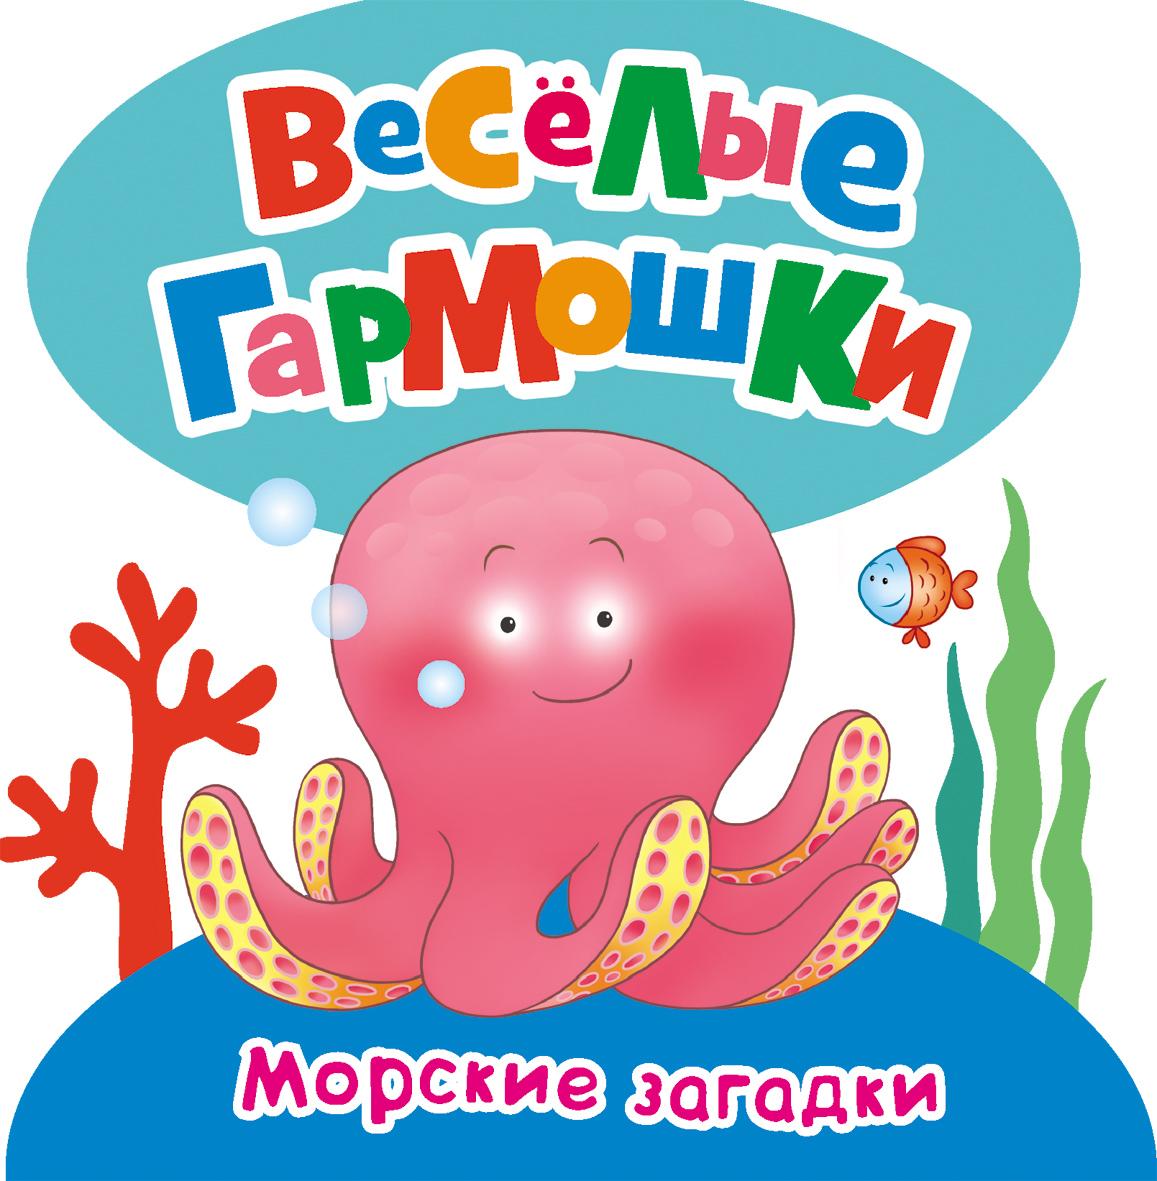 Михаил Грозовский,Марина Дружинина,Наталия Волкова Морские загадки